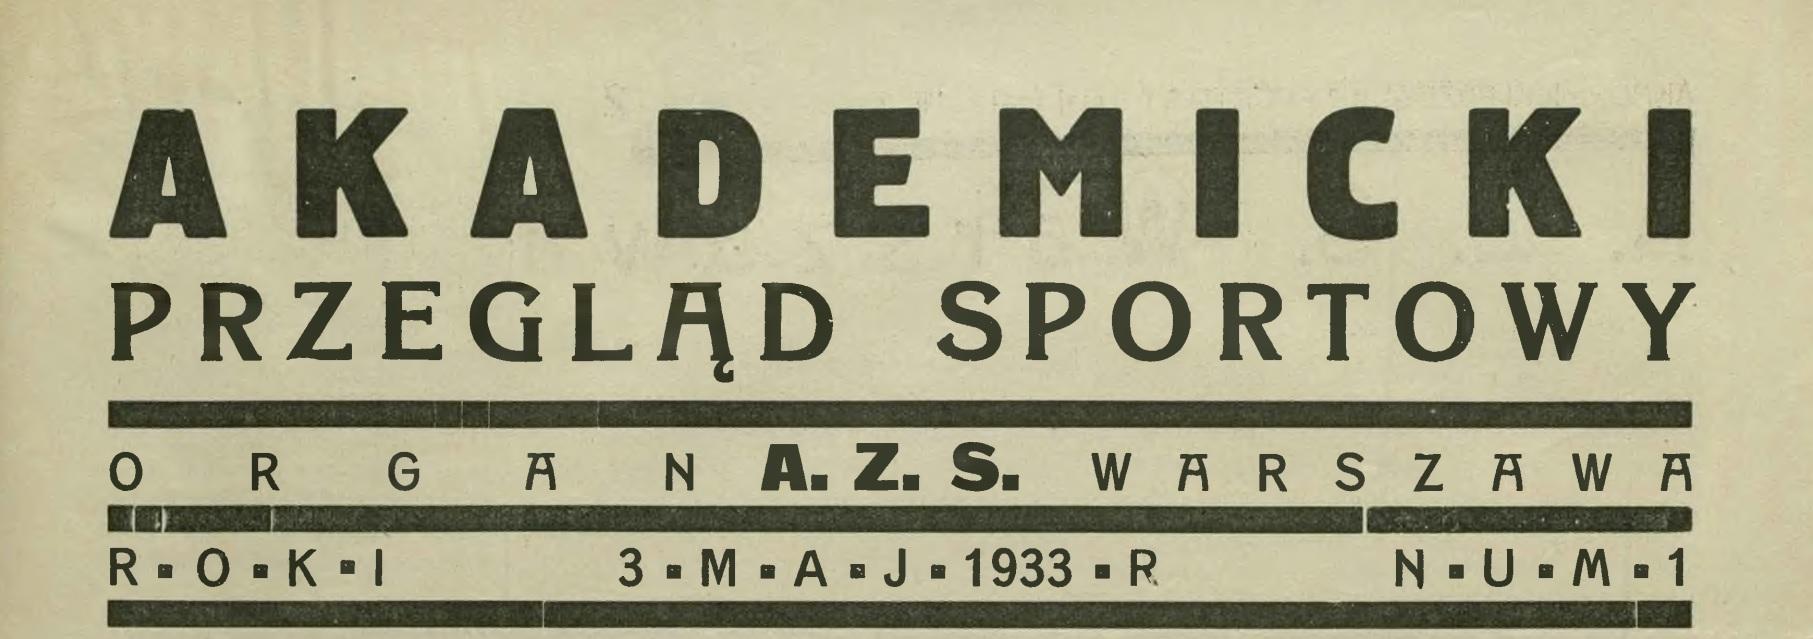 """""""Akademicki Przegląd Sportowy"""" 1933 r. Skany"""